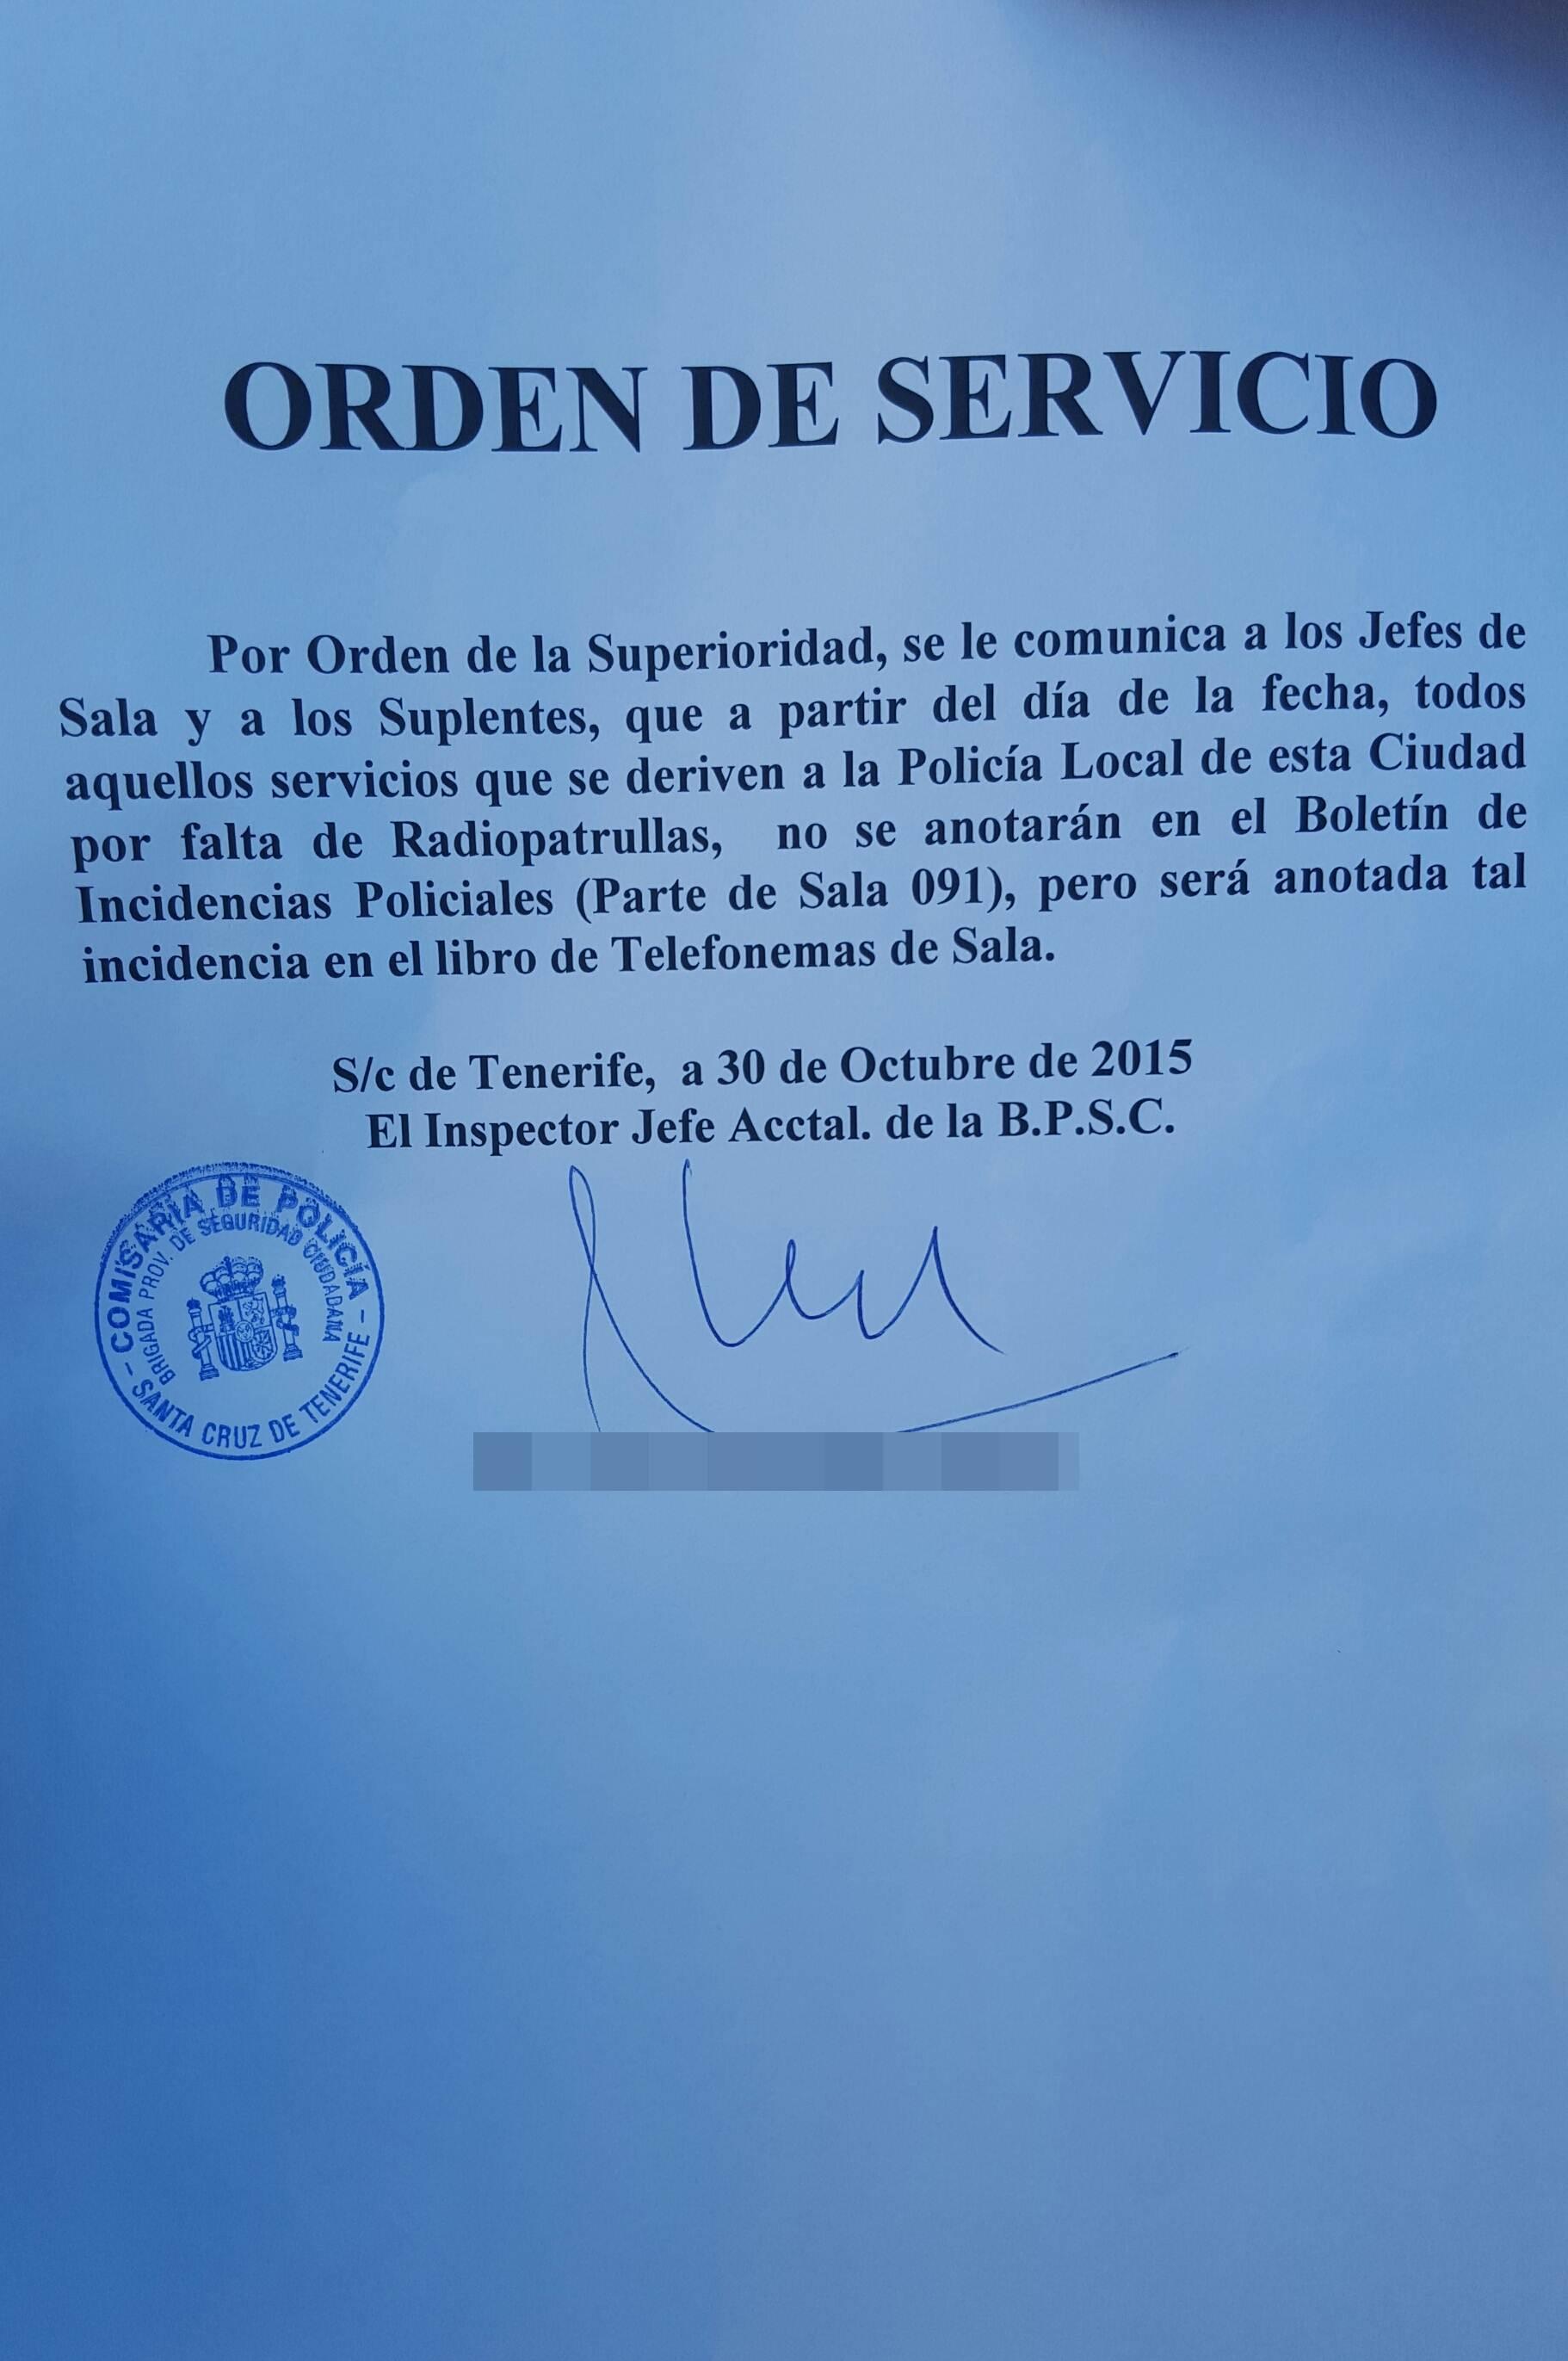 El cnp oculta el creciente desv o de servicios del 091 a for Sala 091 madrid